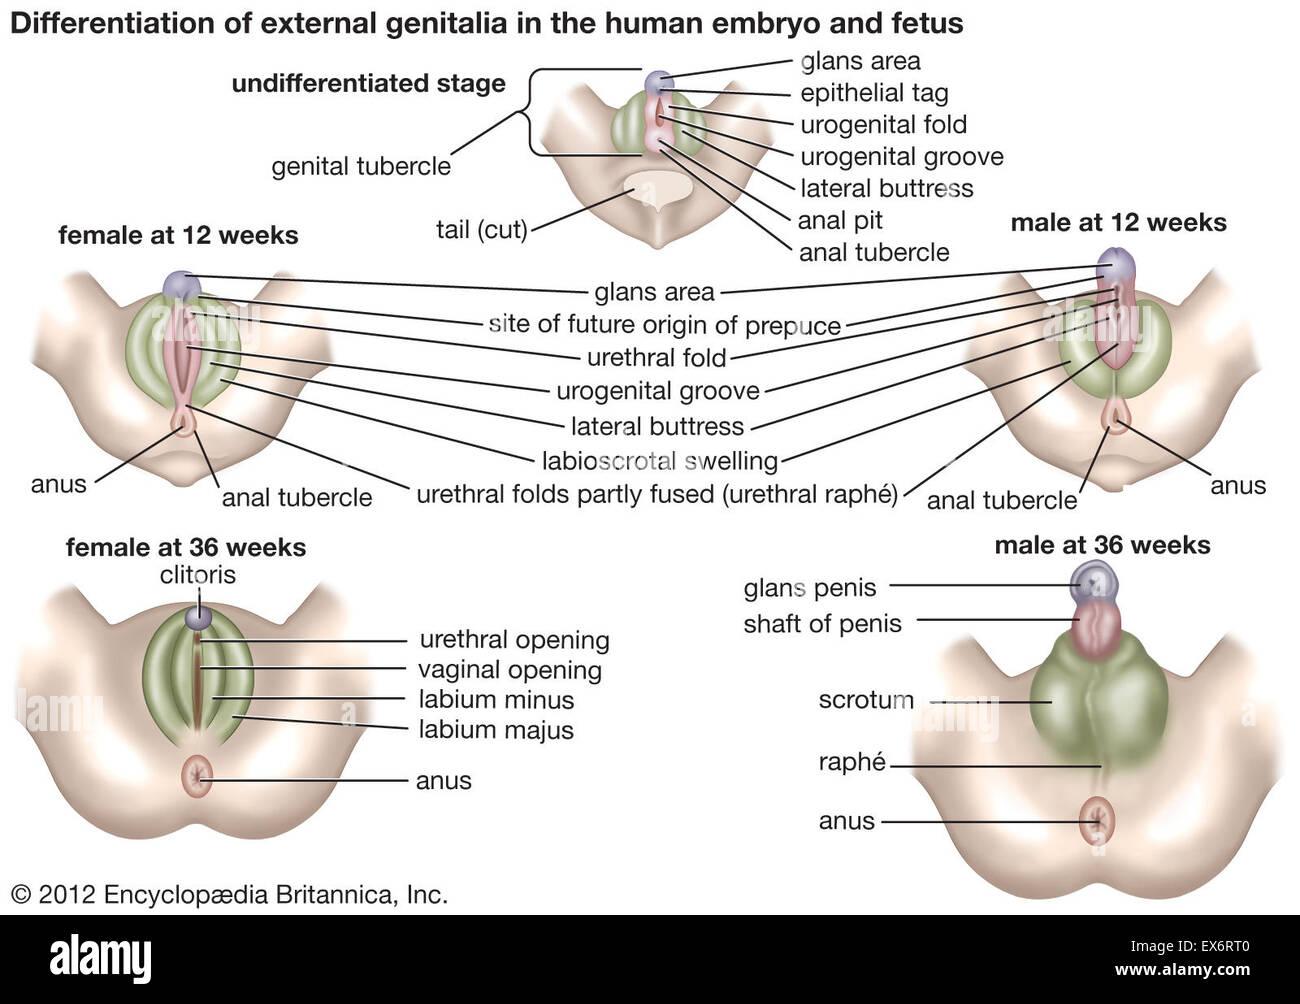 Fantastisch Männlich äußeren Genitalien Anatomie Ideen - Menschliche ...